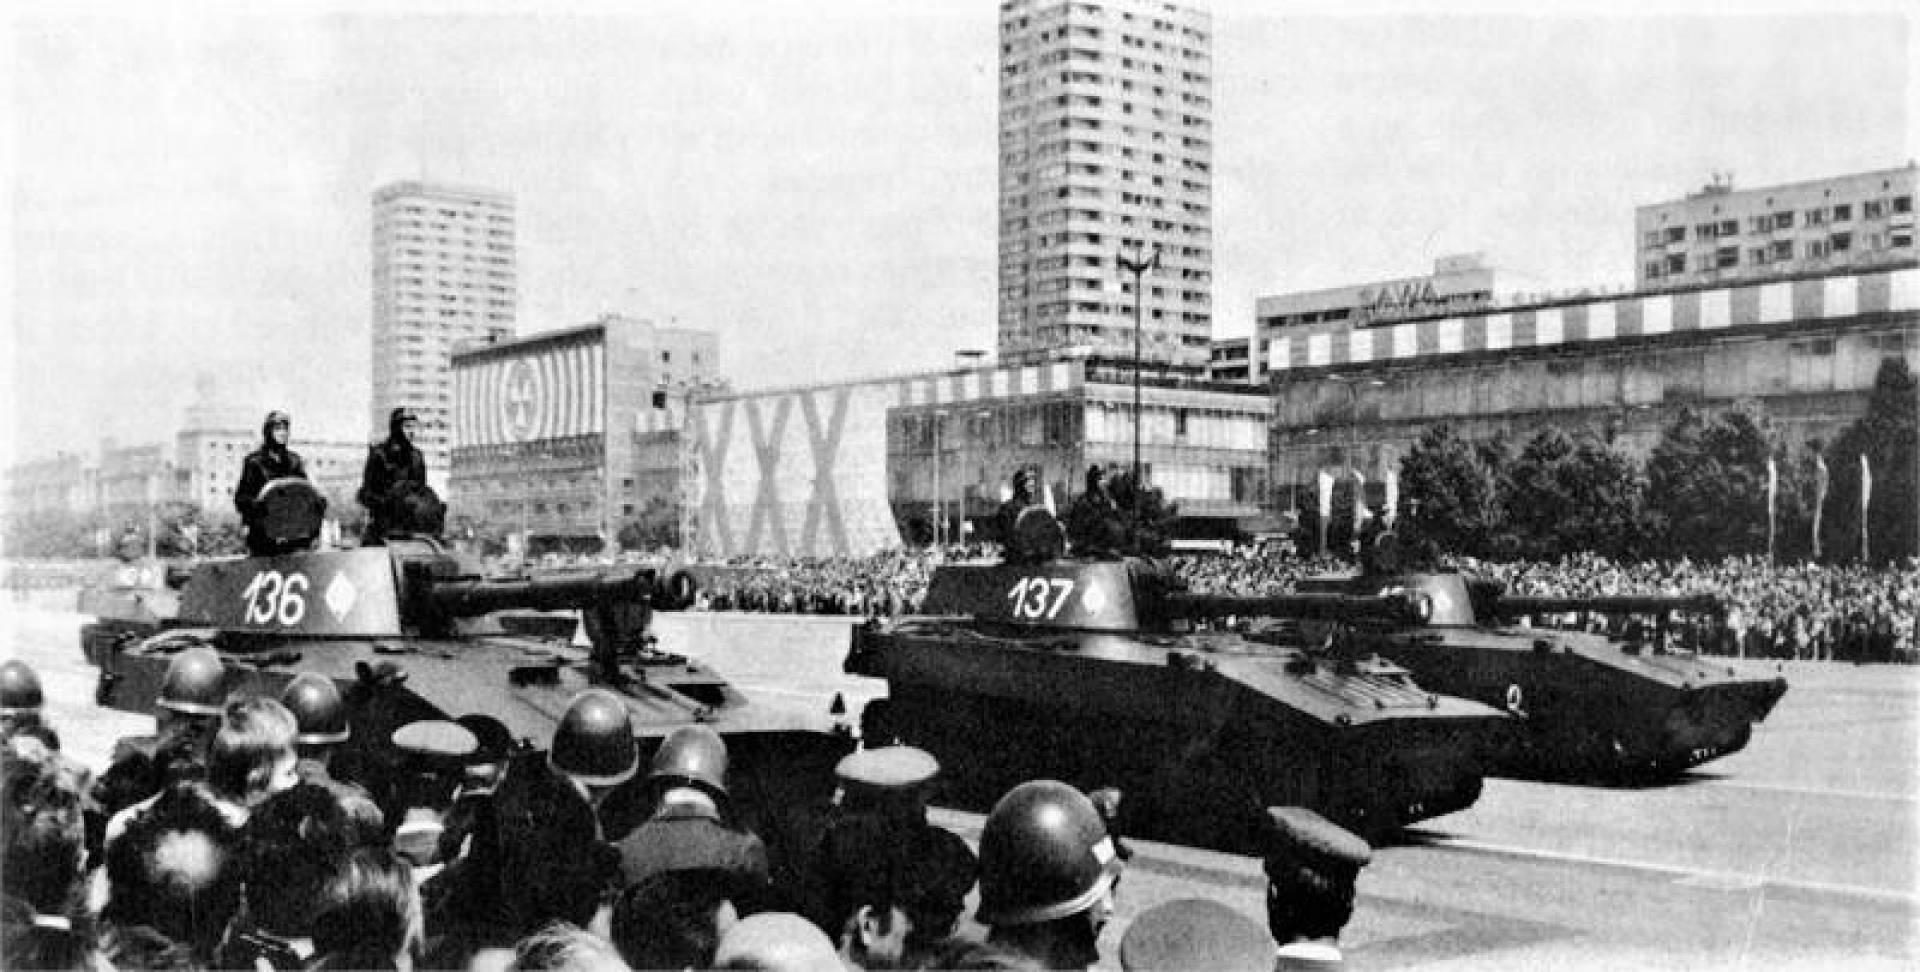 الدبابات السوفيتية من عيار 122 ملم.. أرشيفية